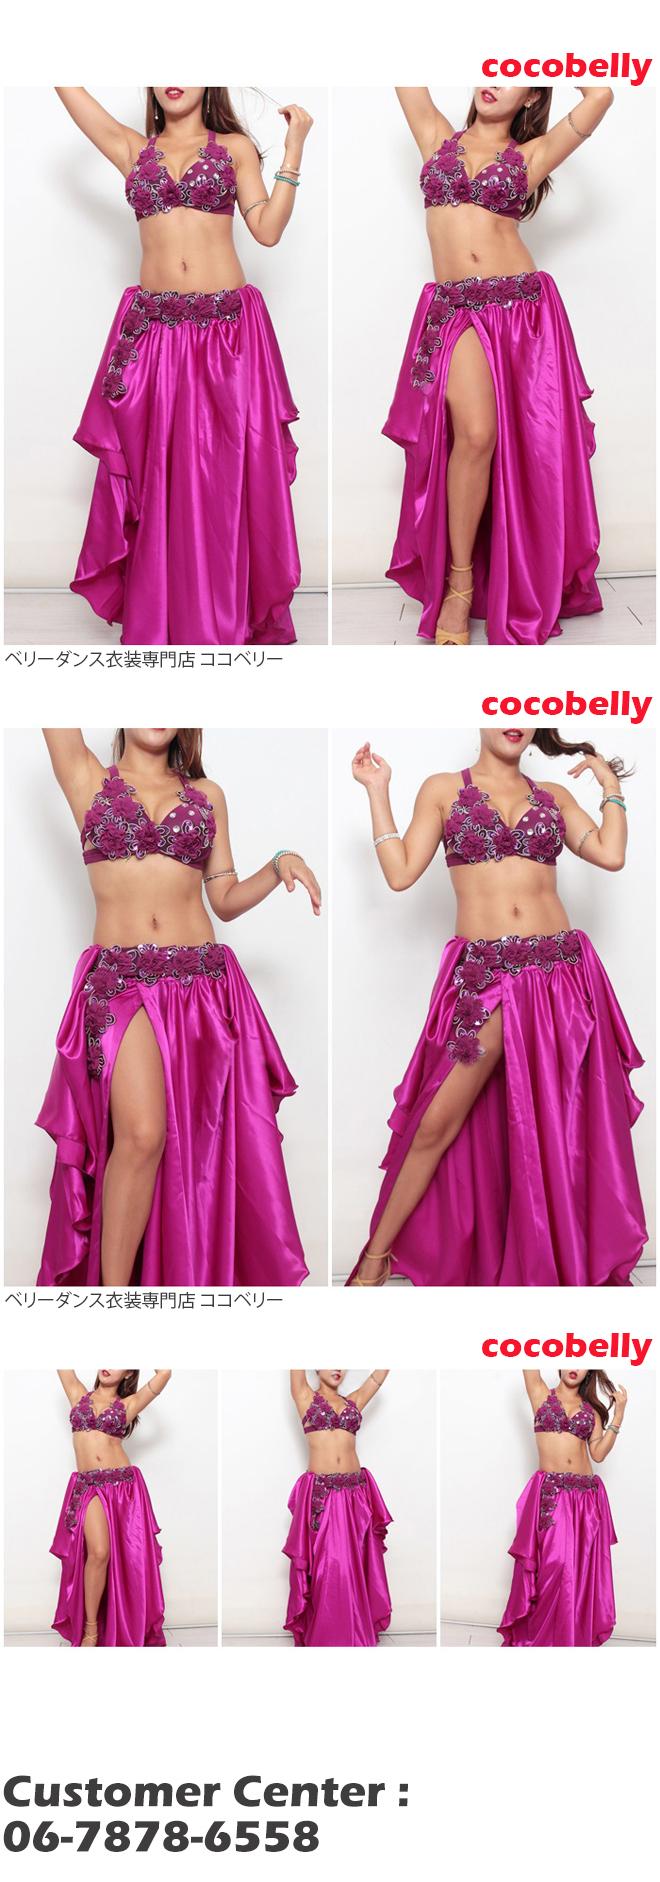 ベリーダンス衣装 【B217-3】